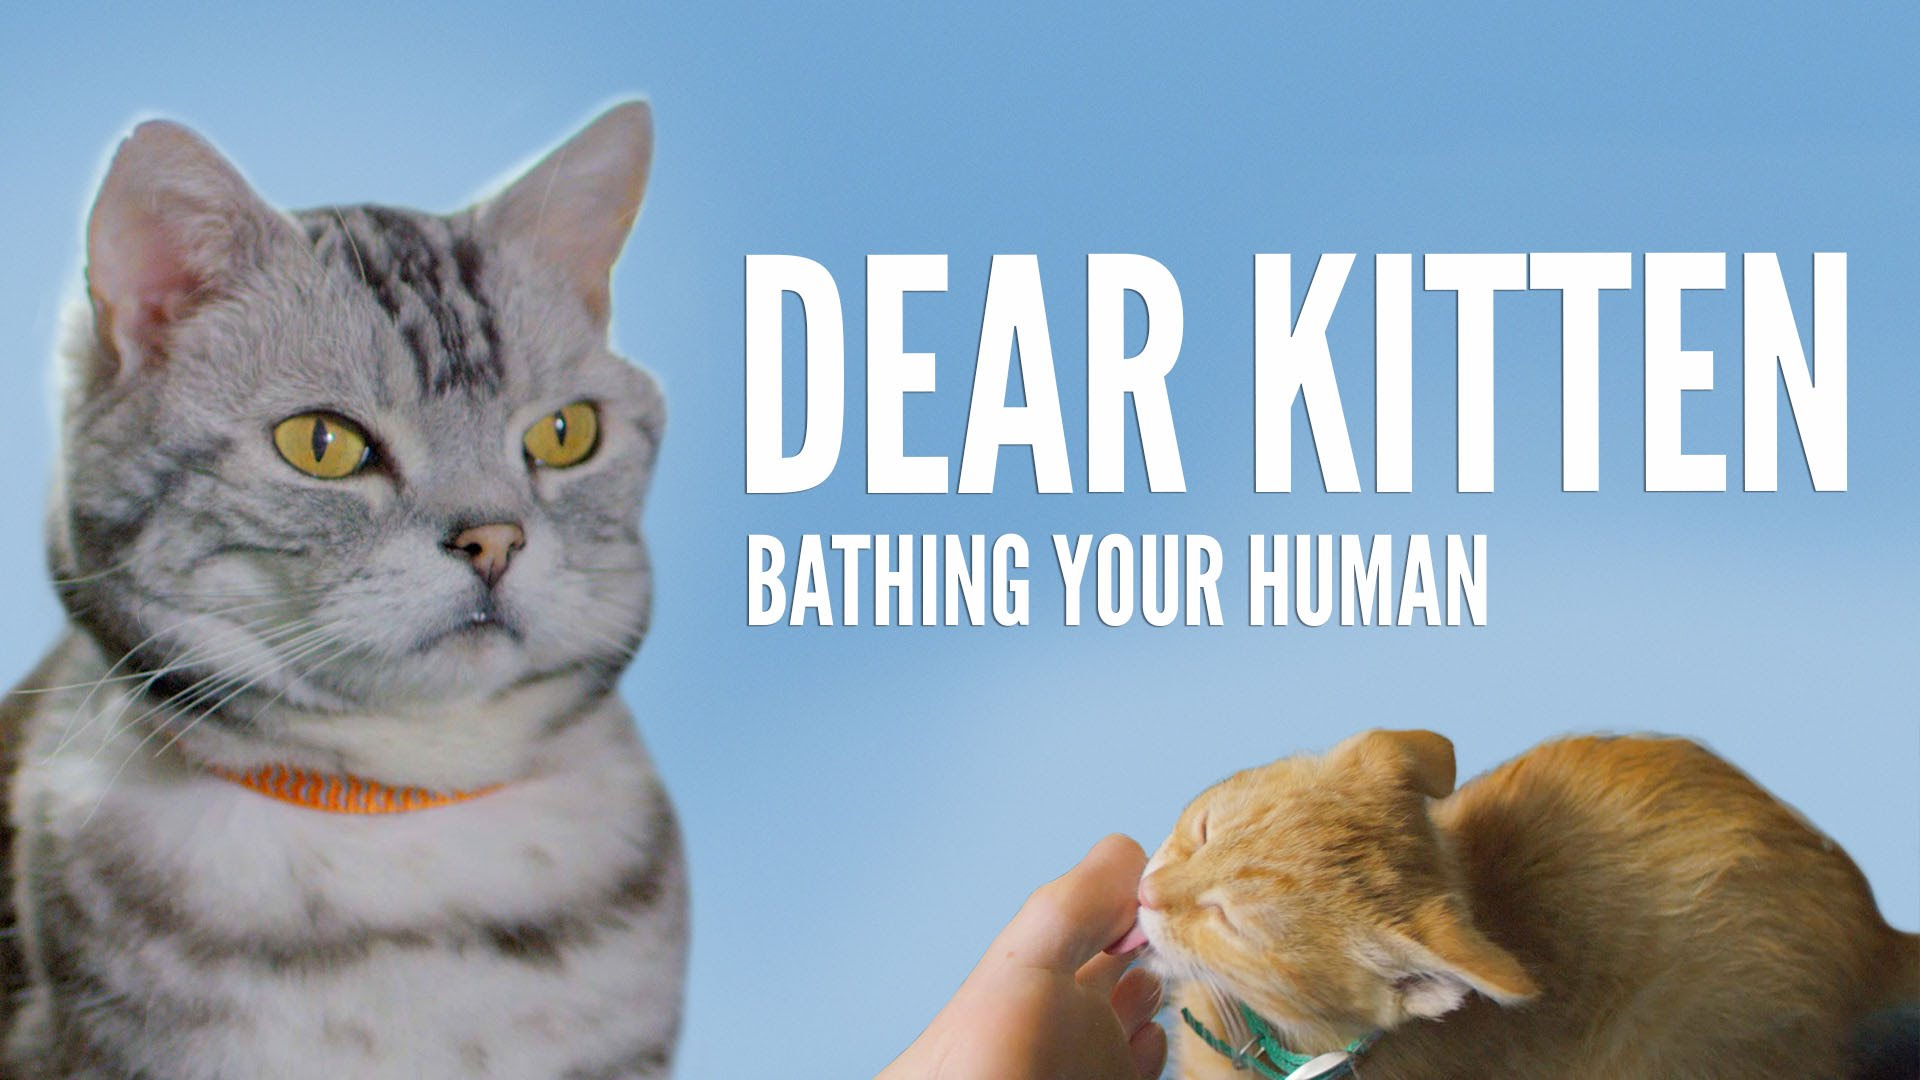 「【超療癒貓食廣告】親愛的小貓,家裡那隻髒兮兮的人類...」- Dear Kitten: Bathing Your Human